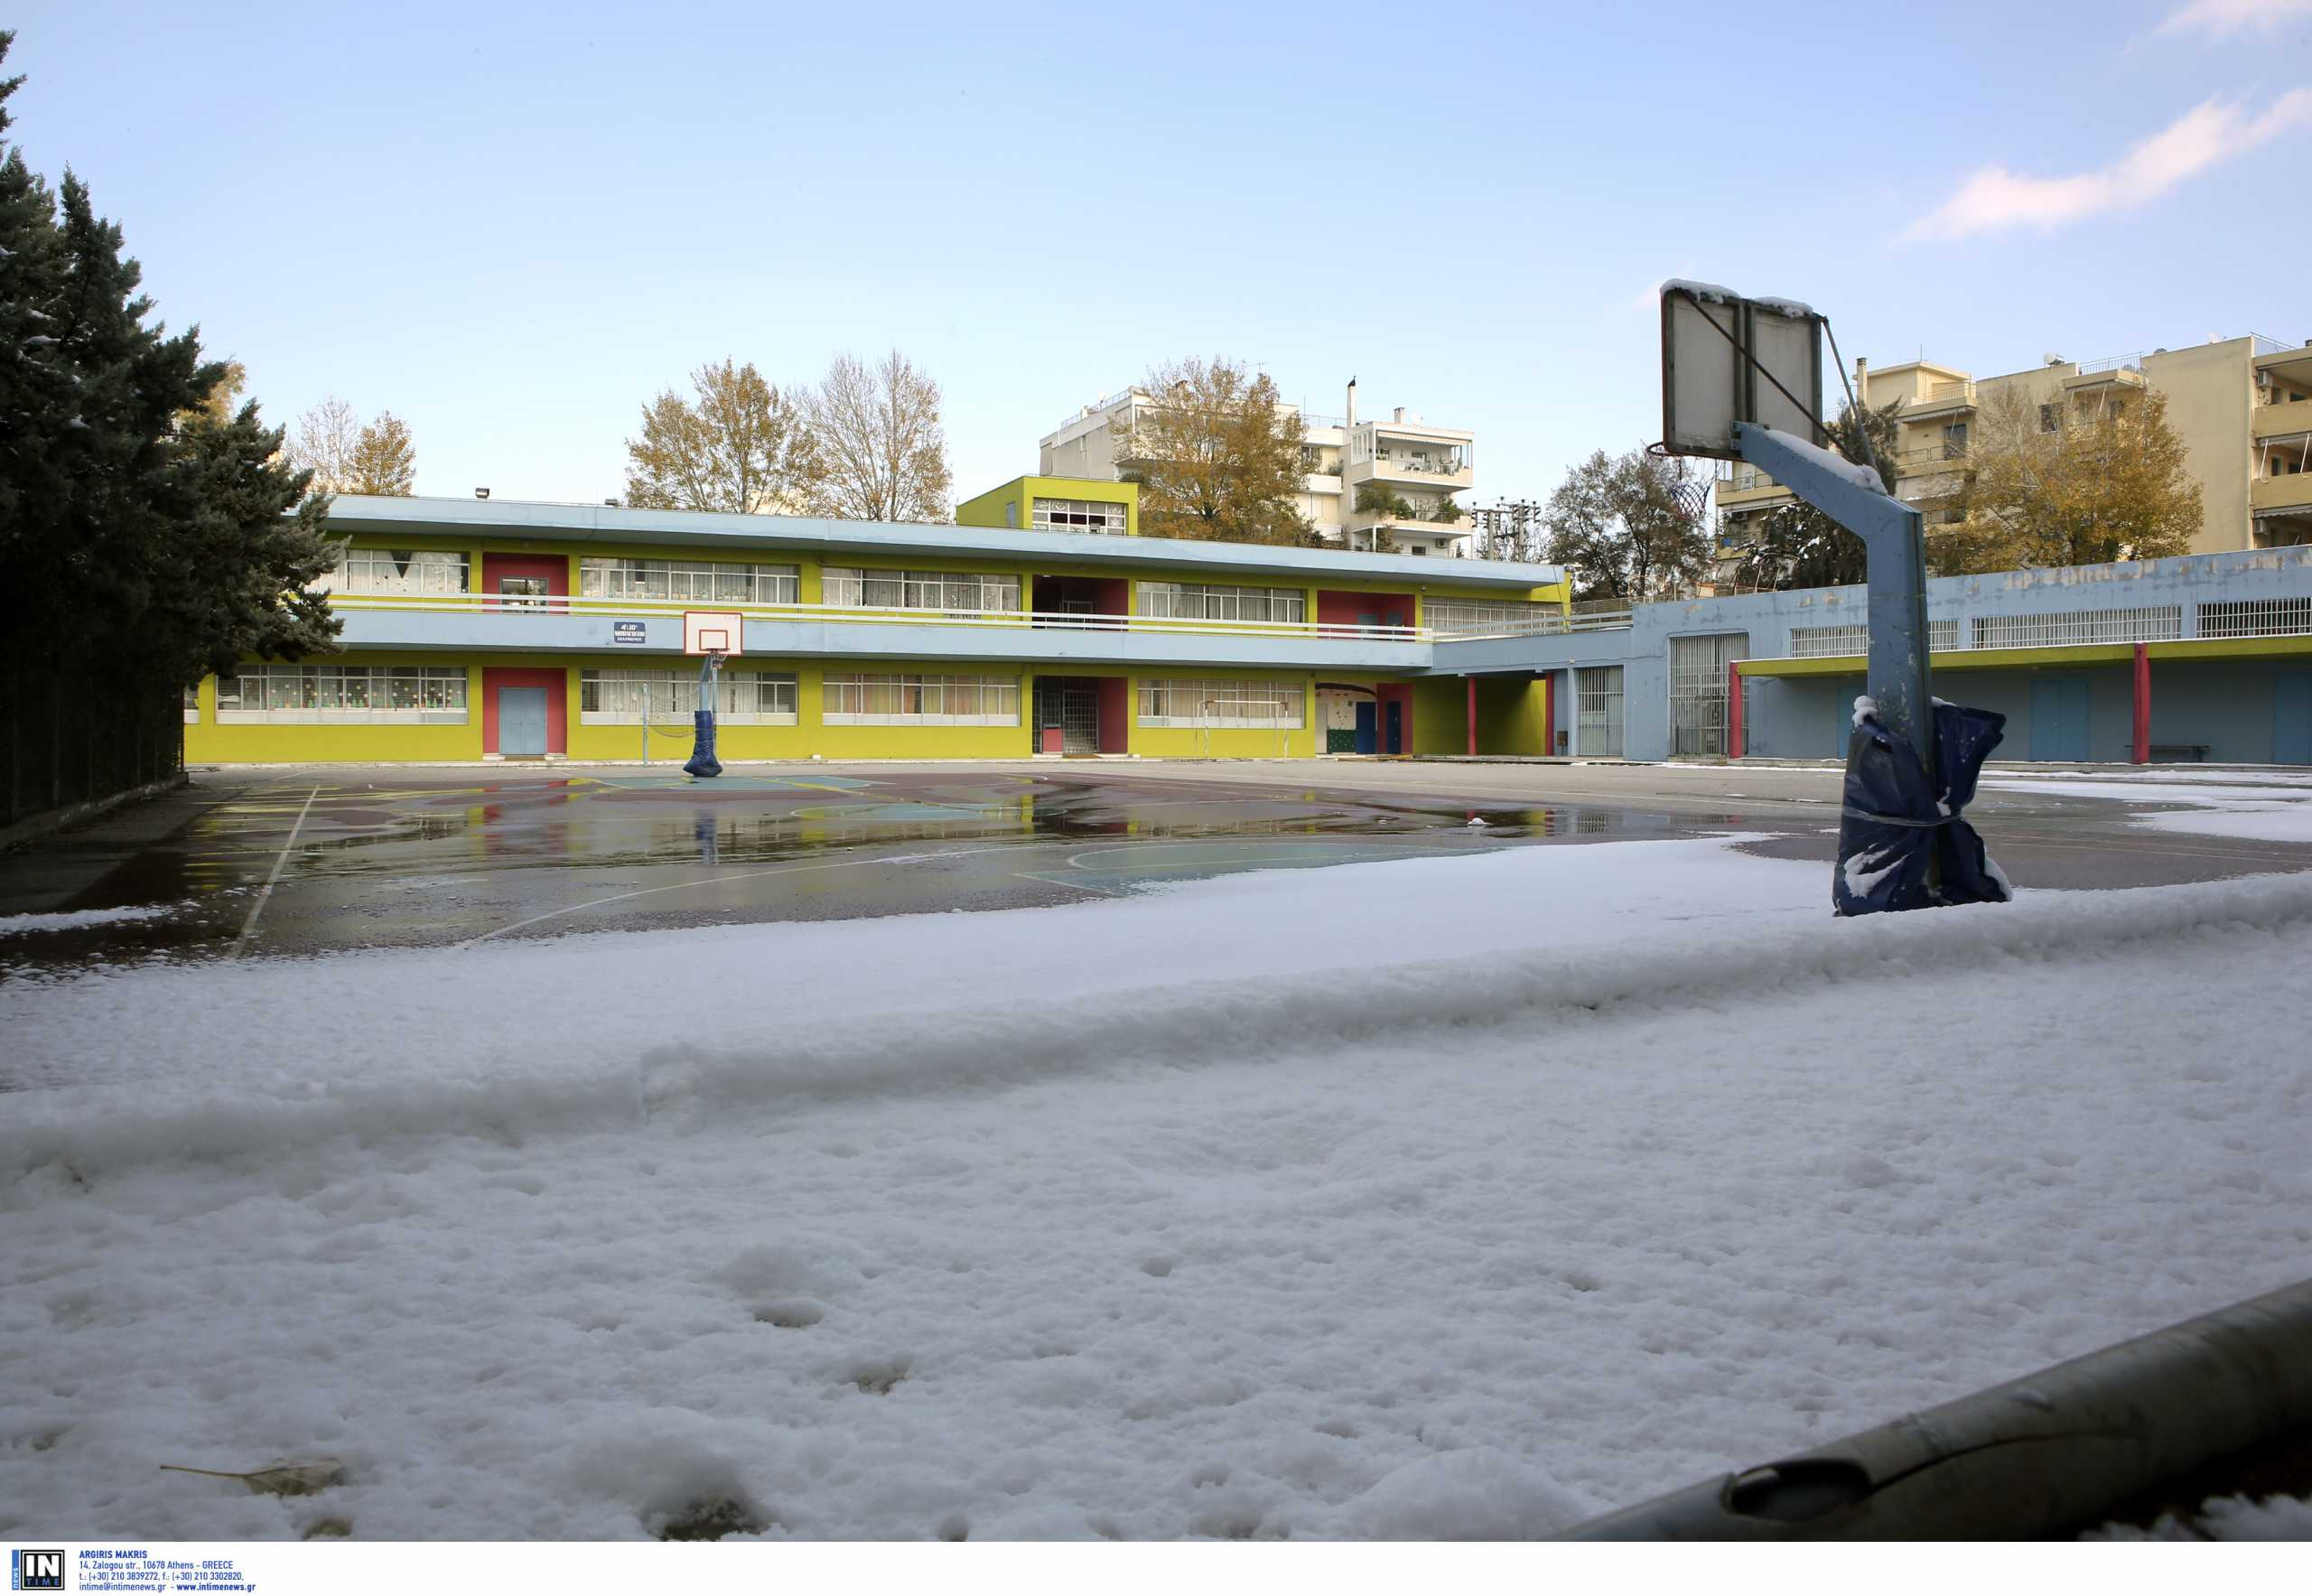 Κακοκαιρία «Μήδεια»: Κλειστά τη Δευτέρα τα σχολεία ειδικής αγωγής στην Αττική